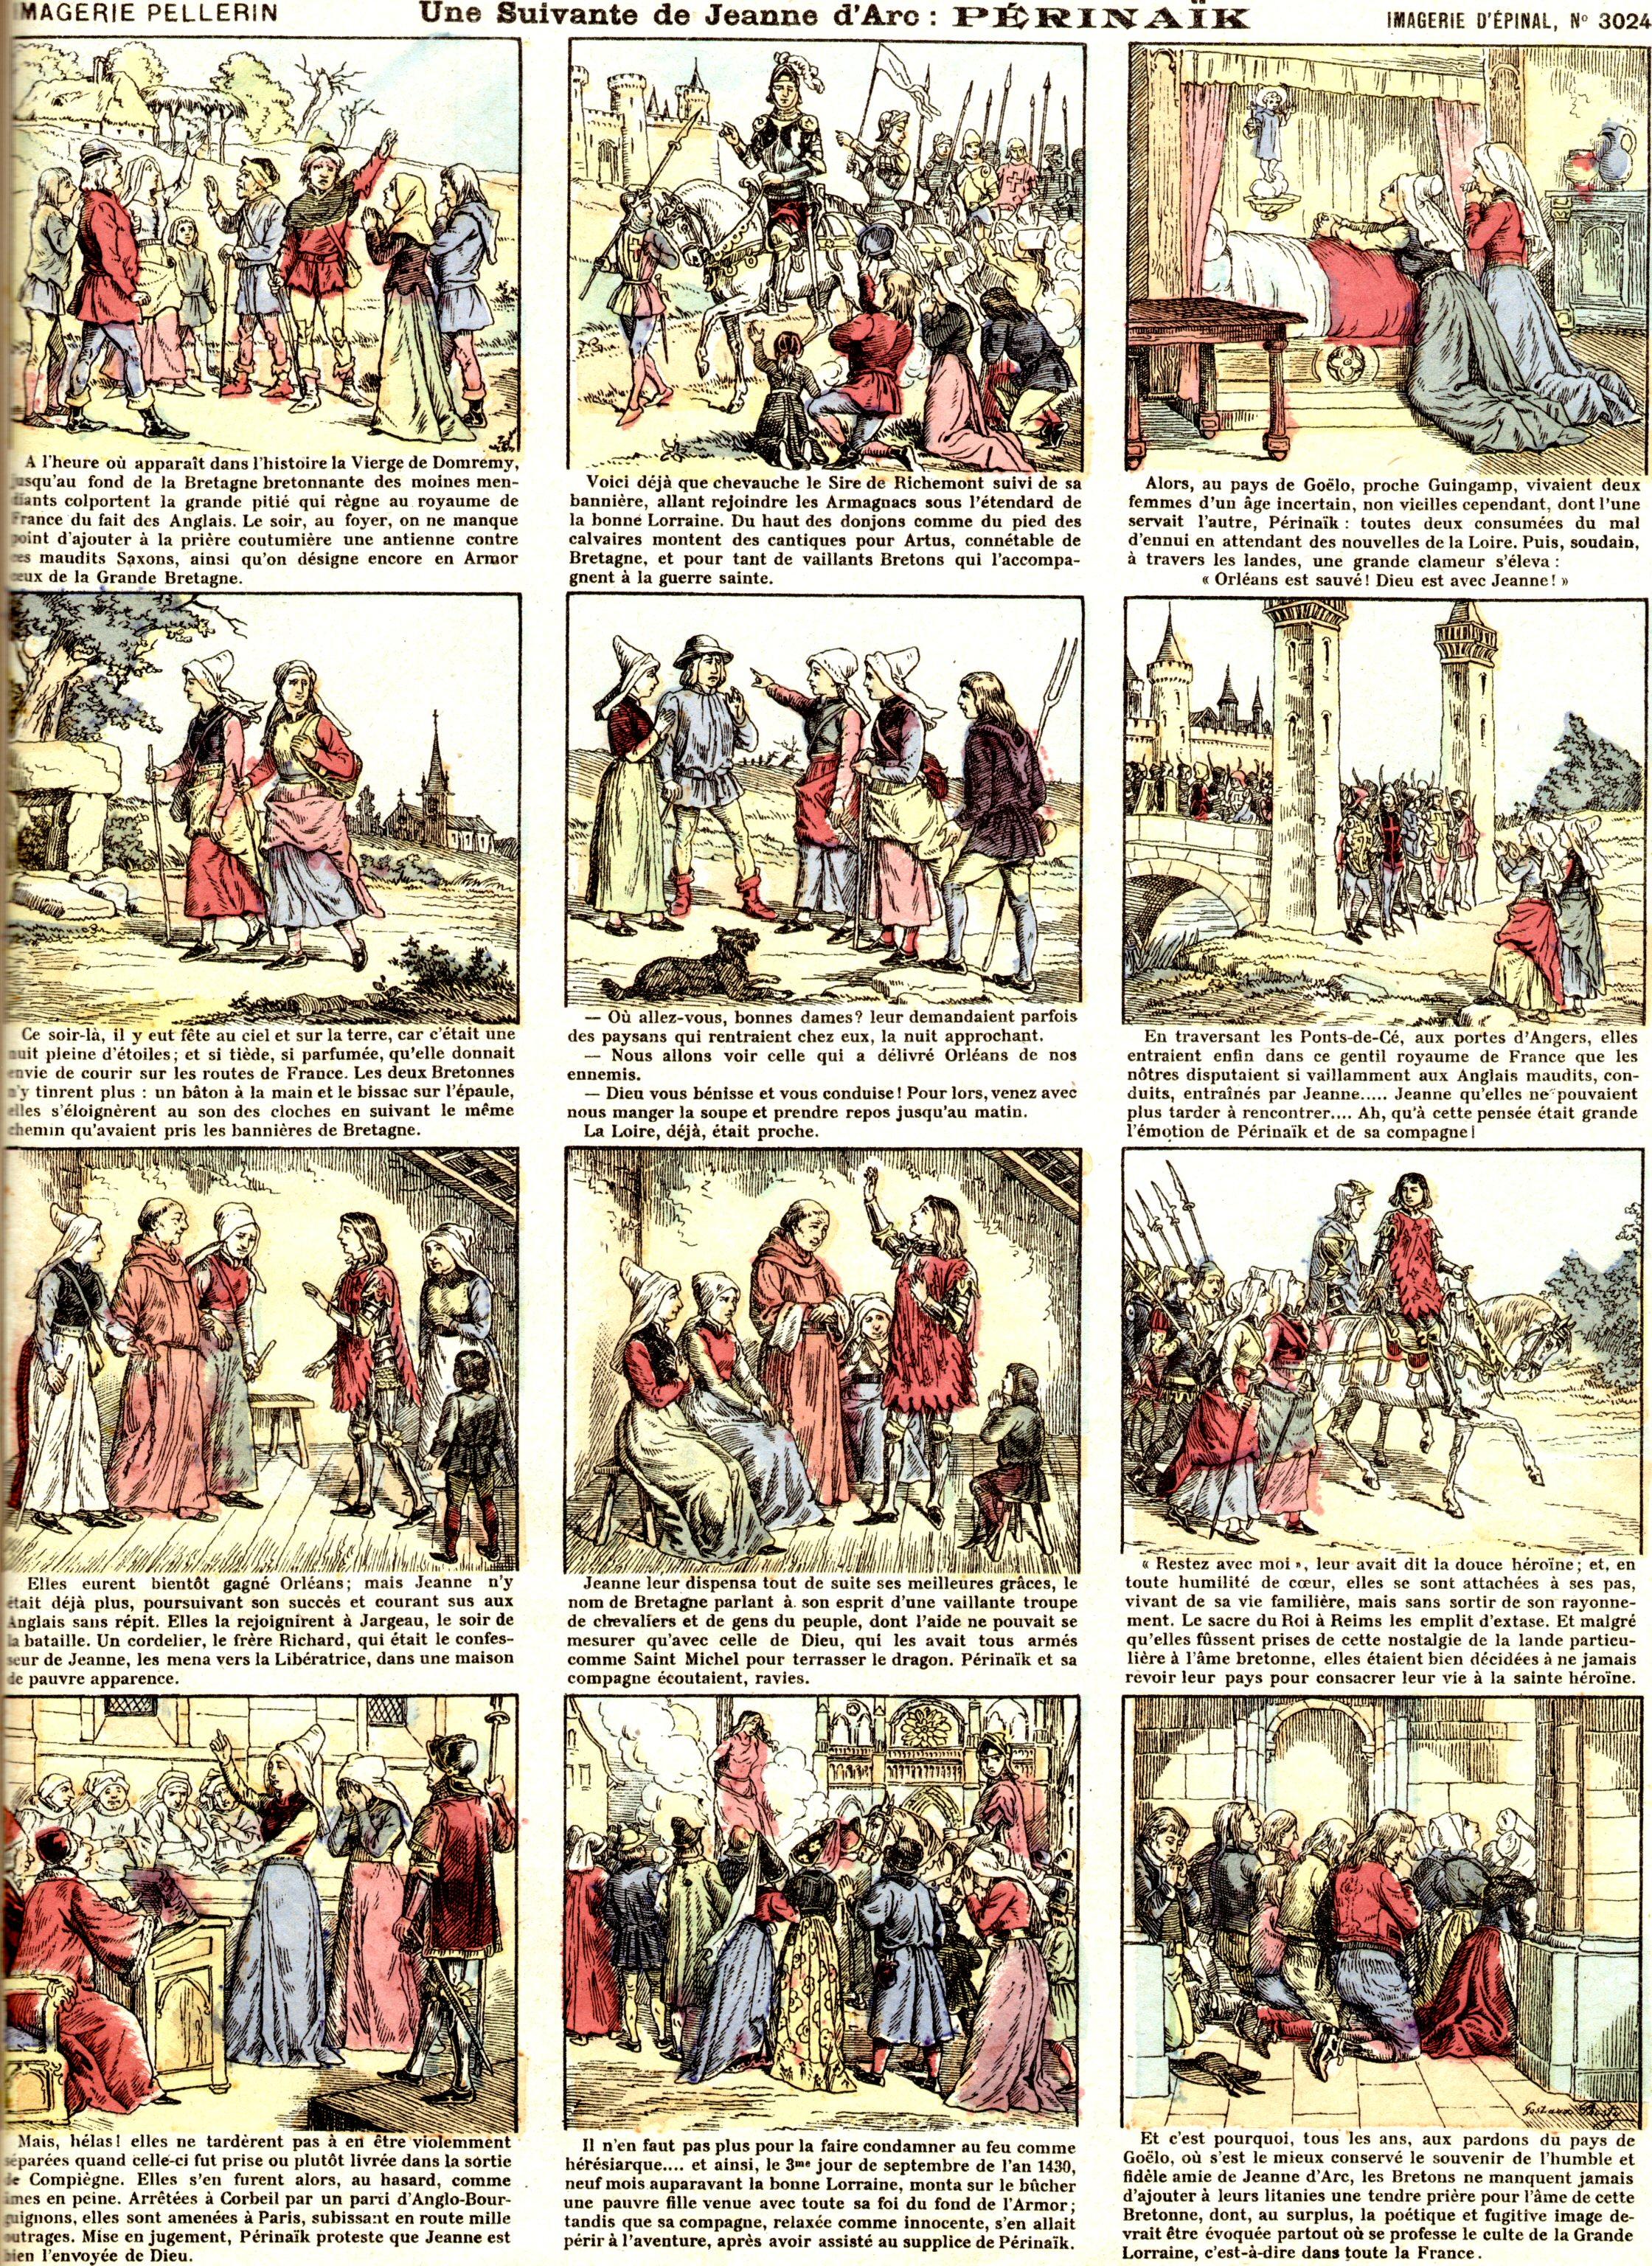 Les Chemins De La Foi France 2 : chemins, france, File:UneSuivante, DeJeanne, DArePERINAIK.jpg, Wikimedia, Commons